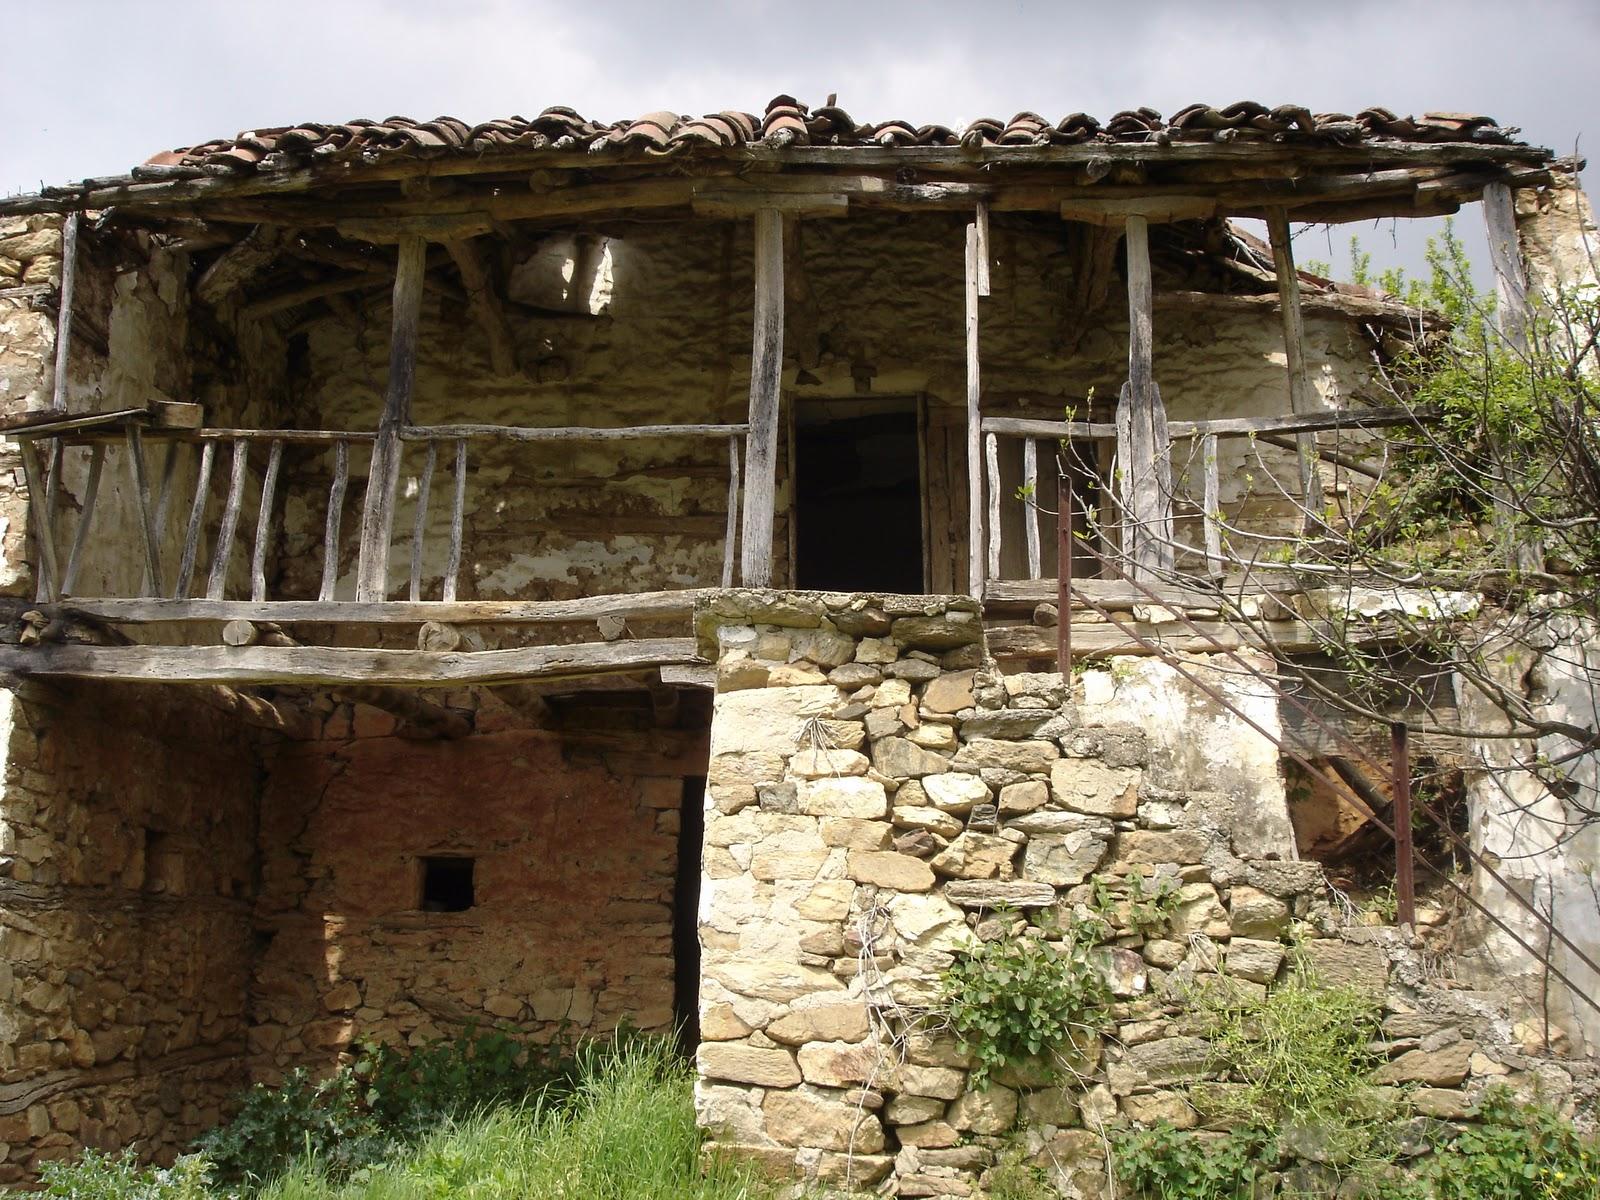 Οικία της εποχής του μακεδονικού